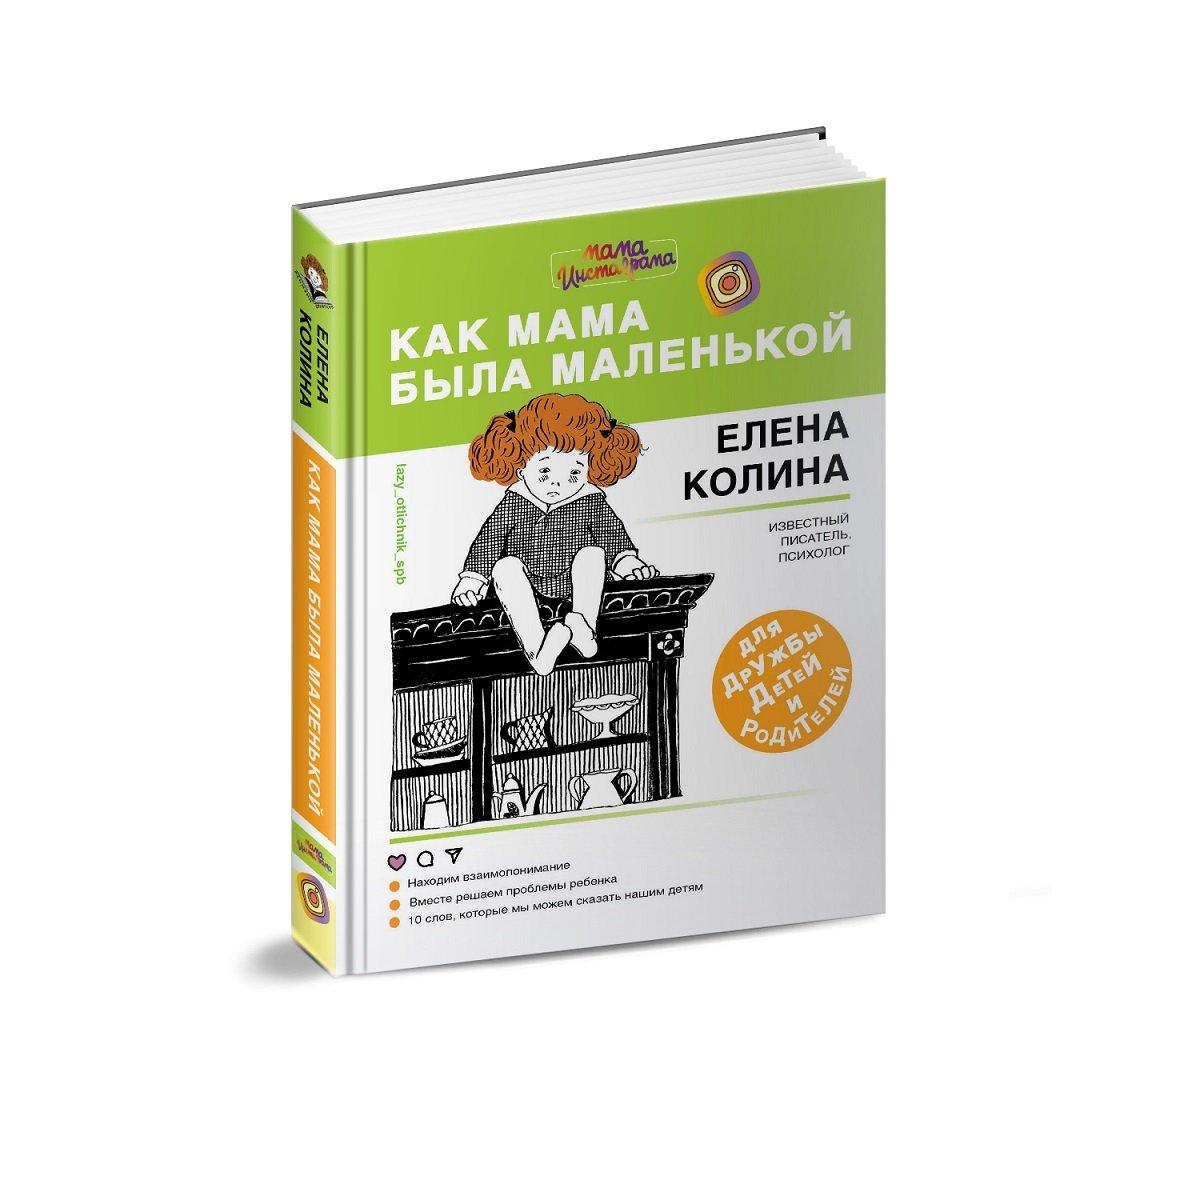 Колина Елена Как мама была маленькой. Книга для дружбы детей и родителей